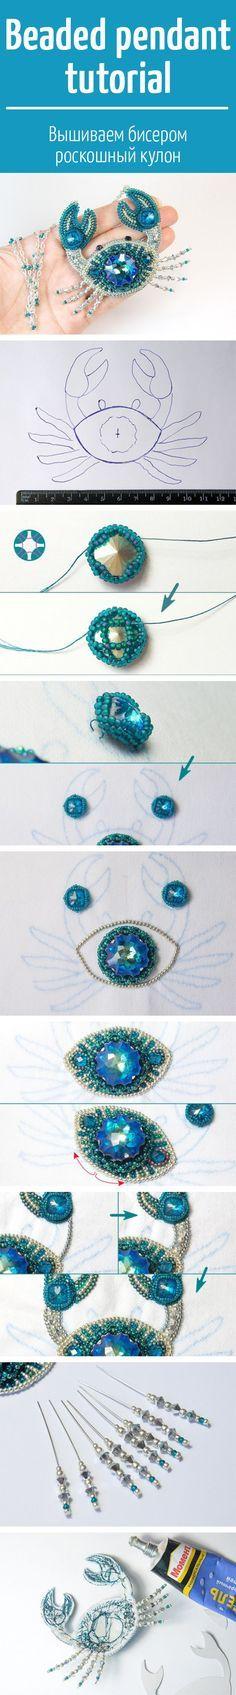 Beaded pendant tutorial / вышиваем бисером роскошный кулон с кристаллами